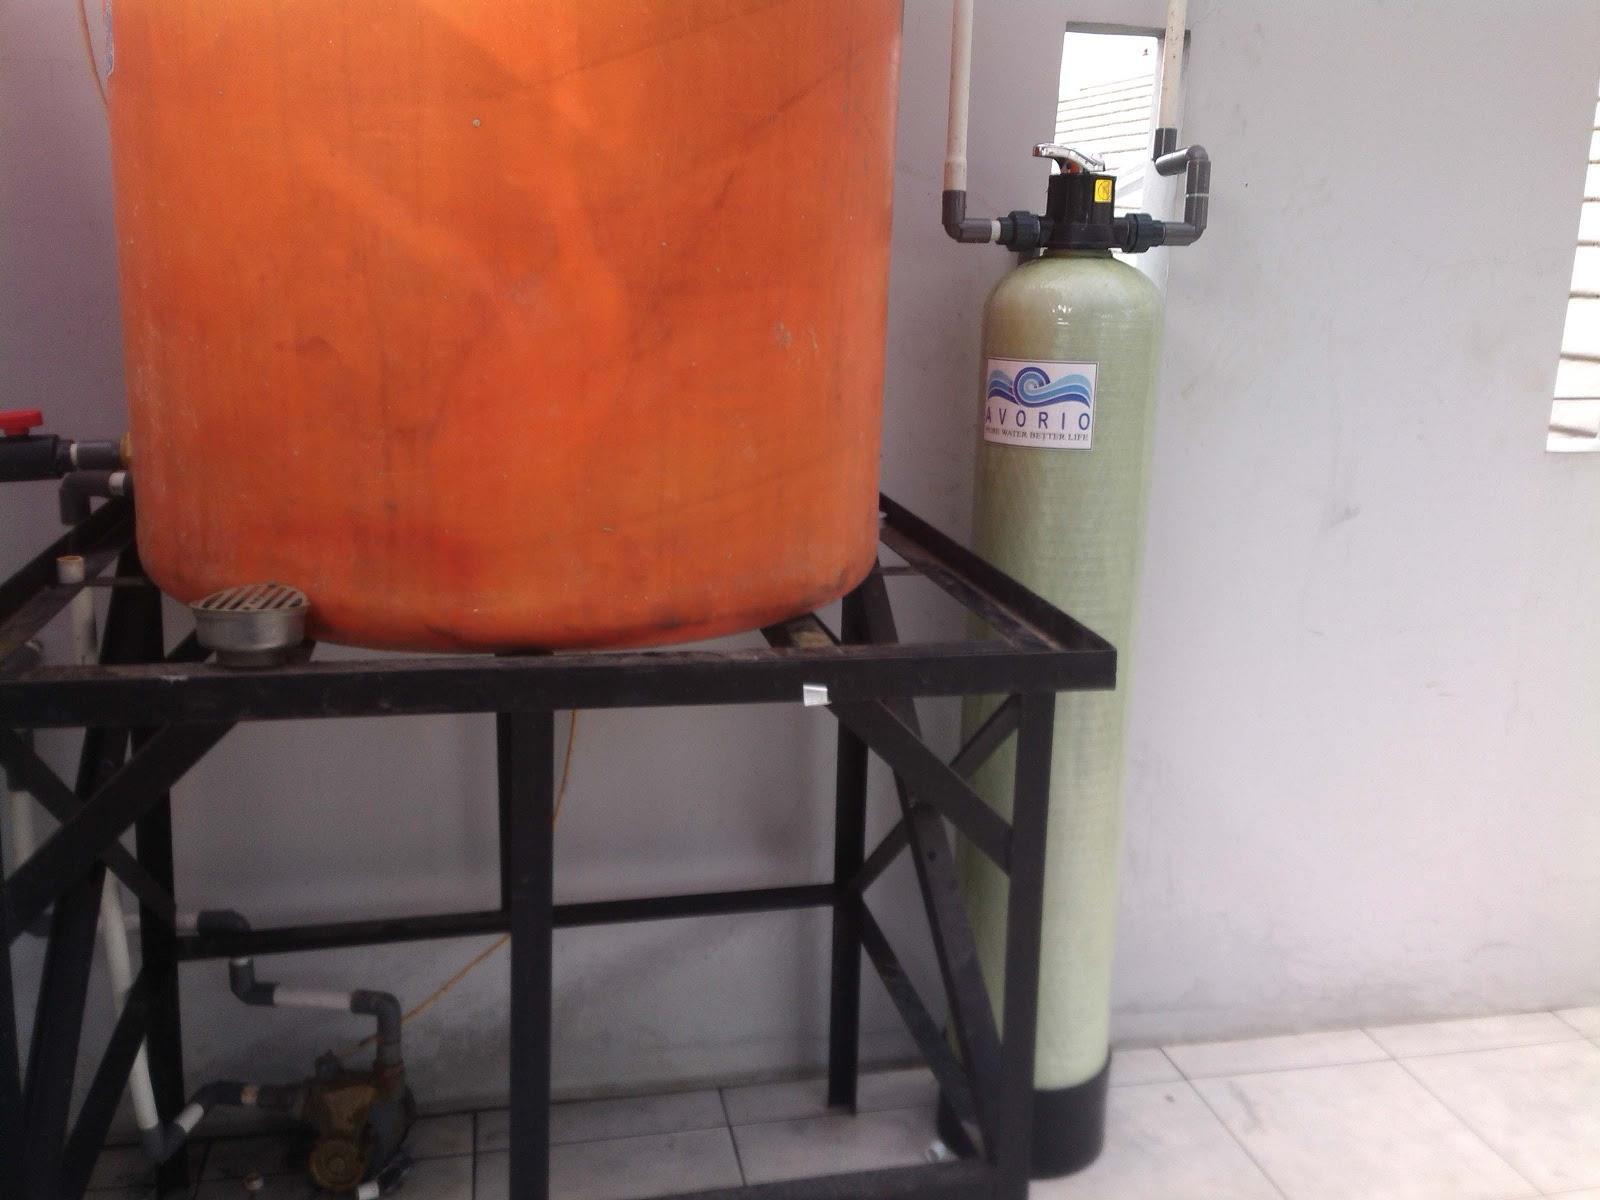 harga filter air di cibubur. toko jual filter air cibubur murah bergaransi halal.